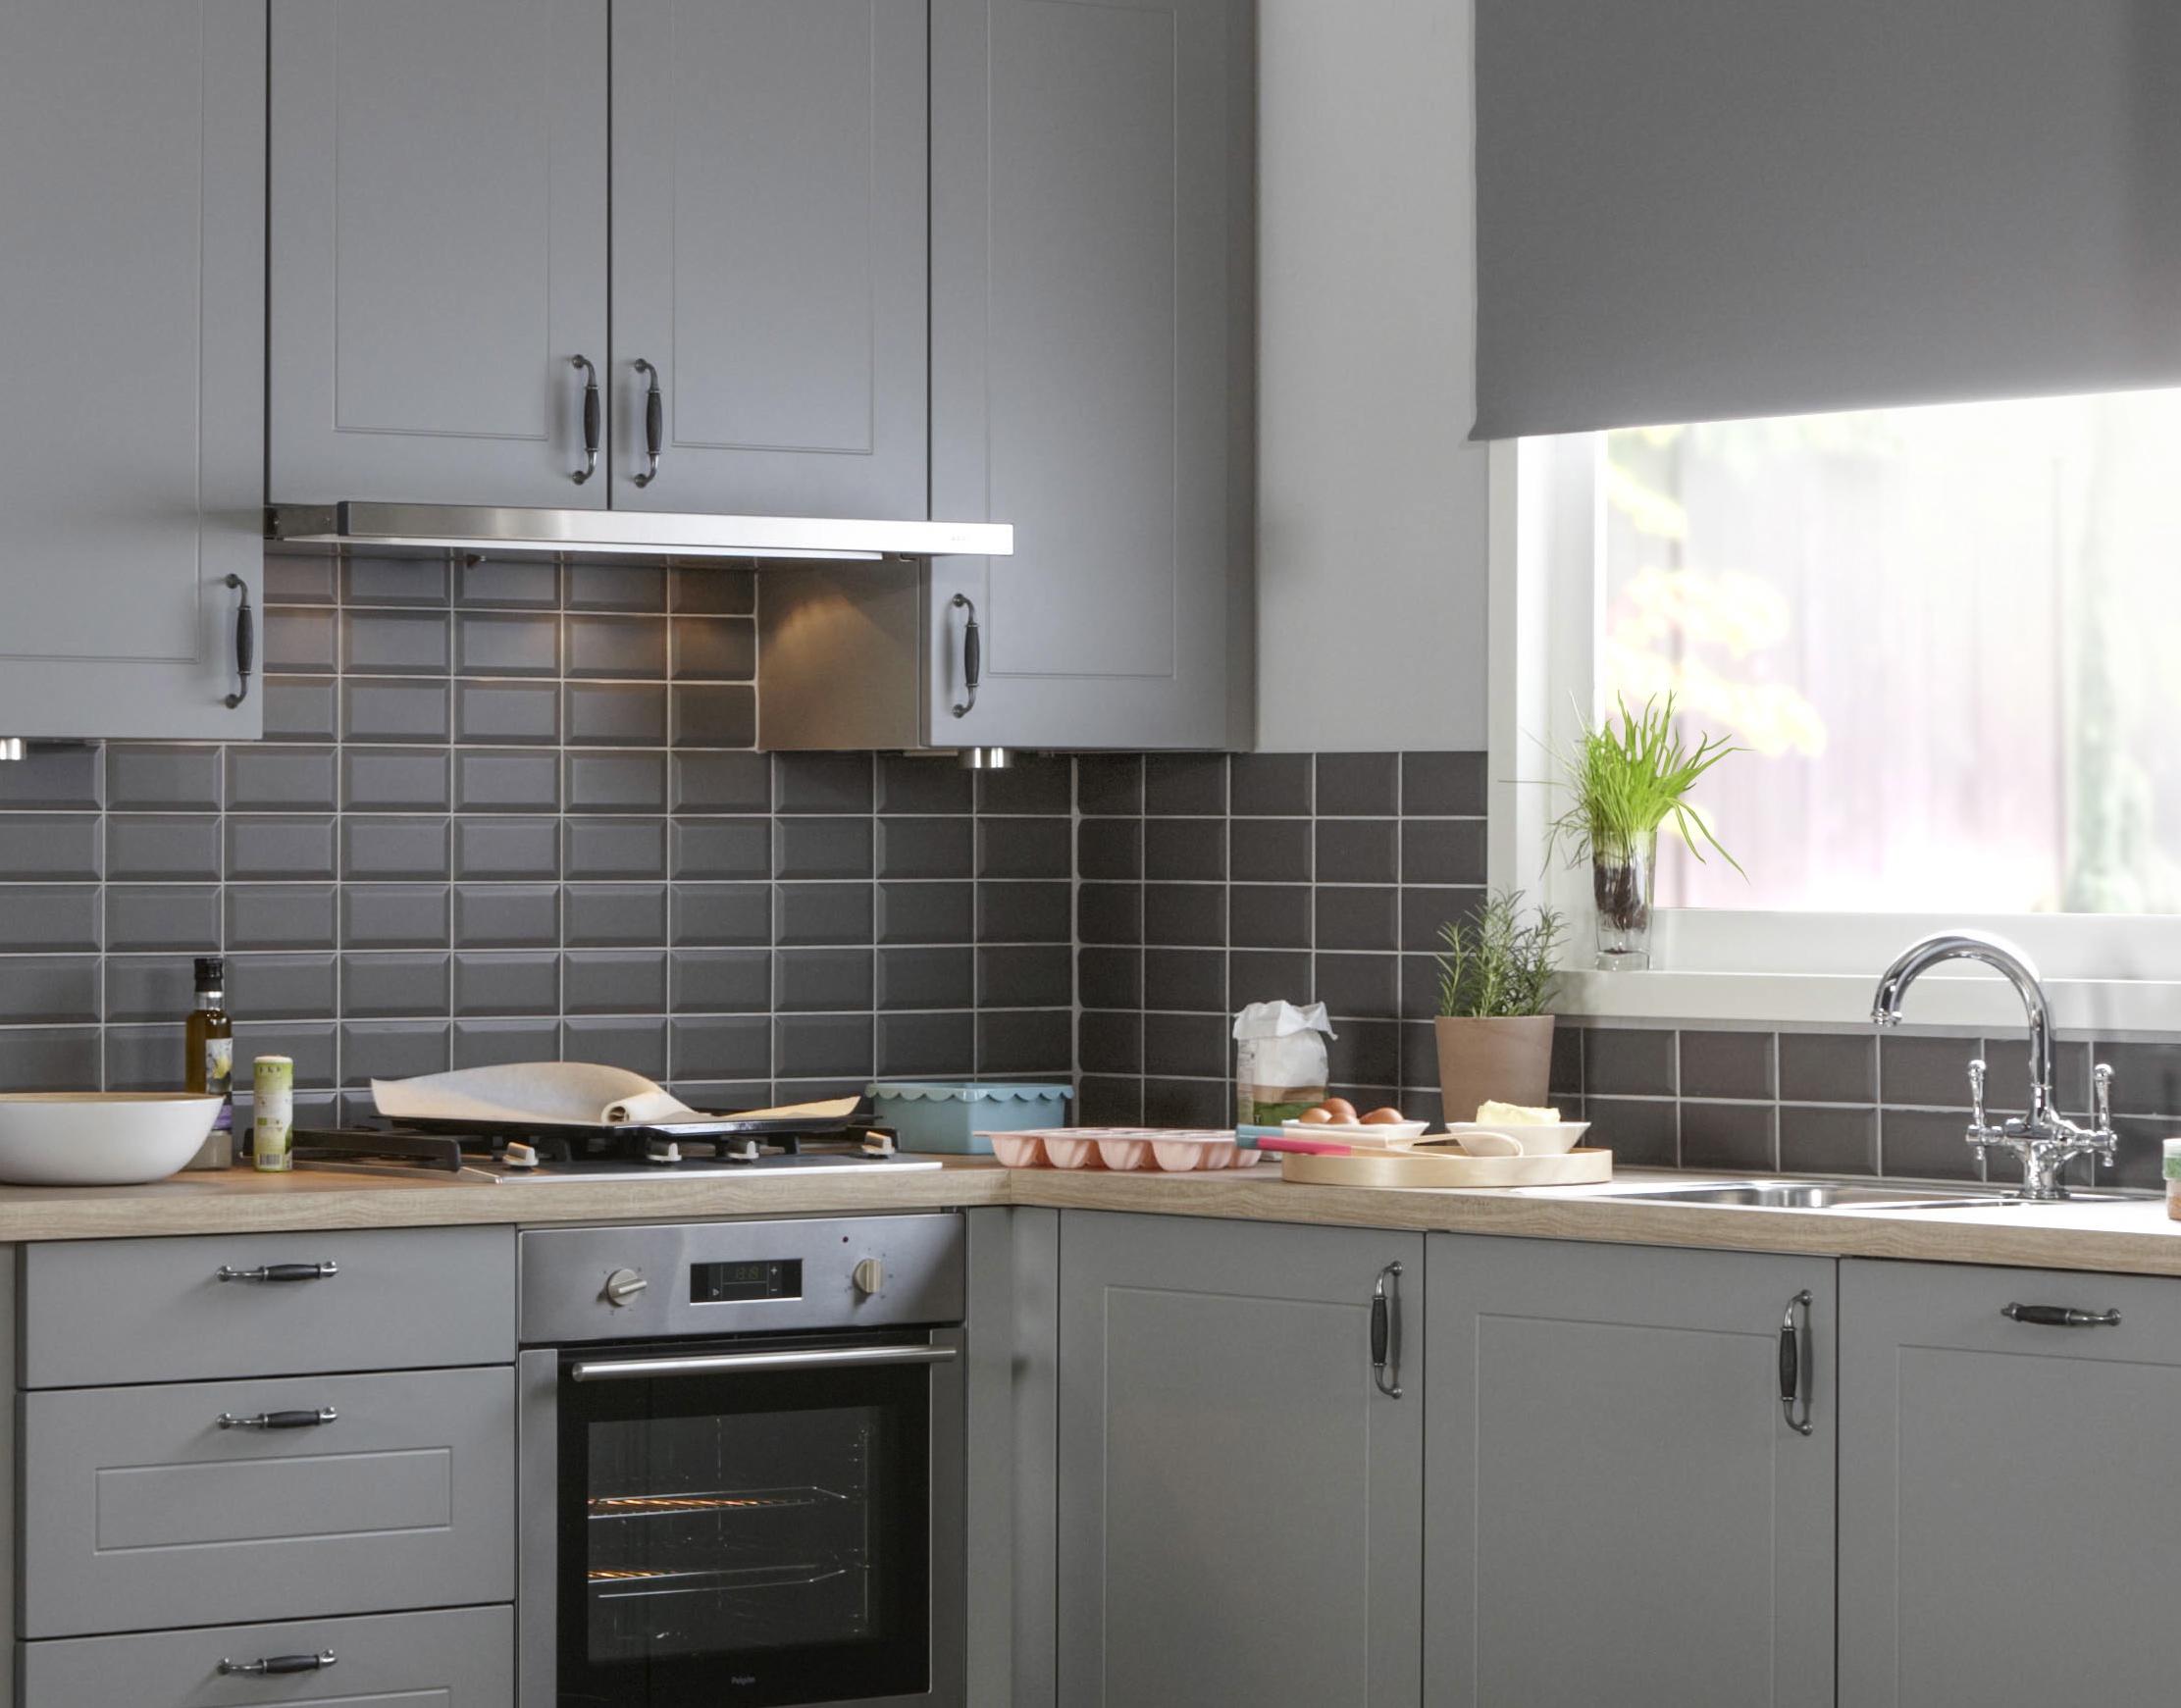 Bruynzeel bolton platinagrijs mat grijze metrotegel 7 5 x 15 2 cm per m2 online bestellen - Keuken tegel metro ...